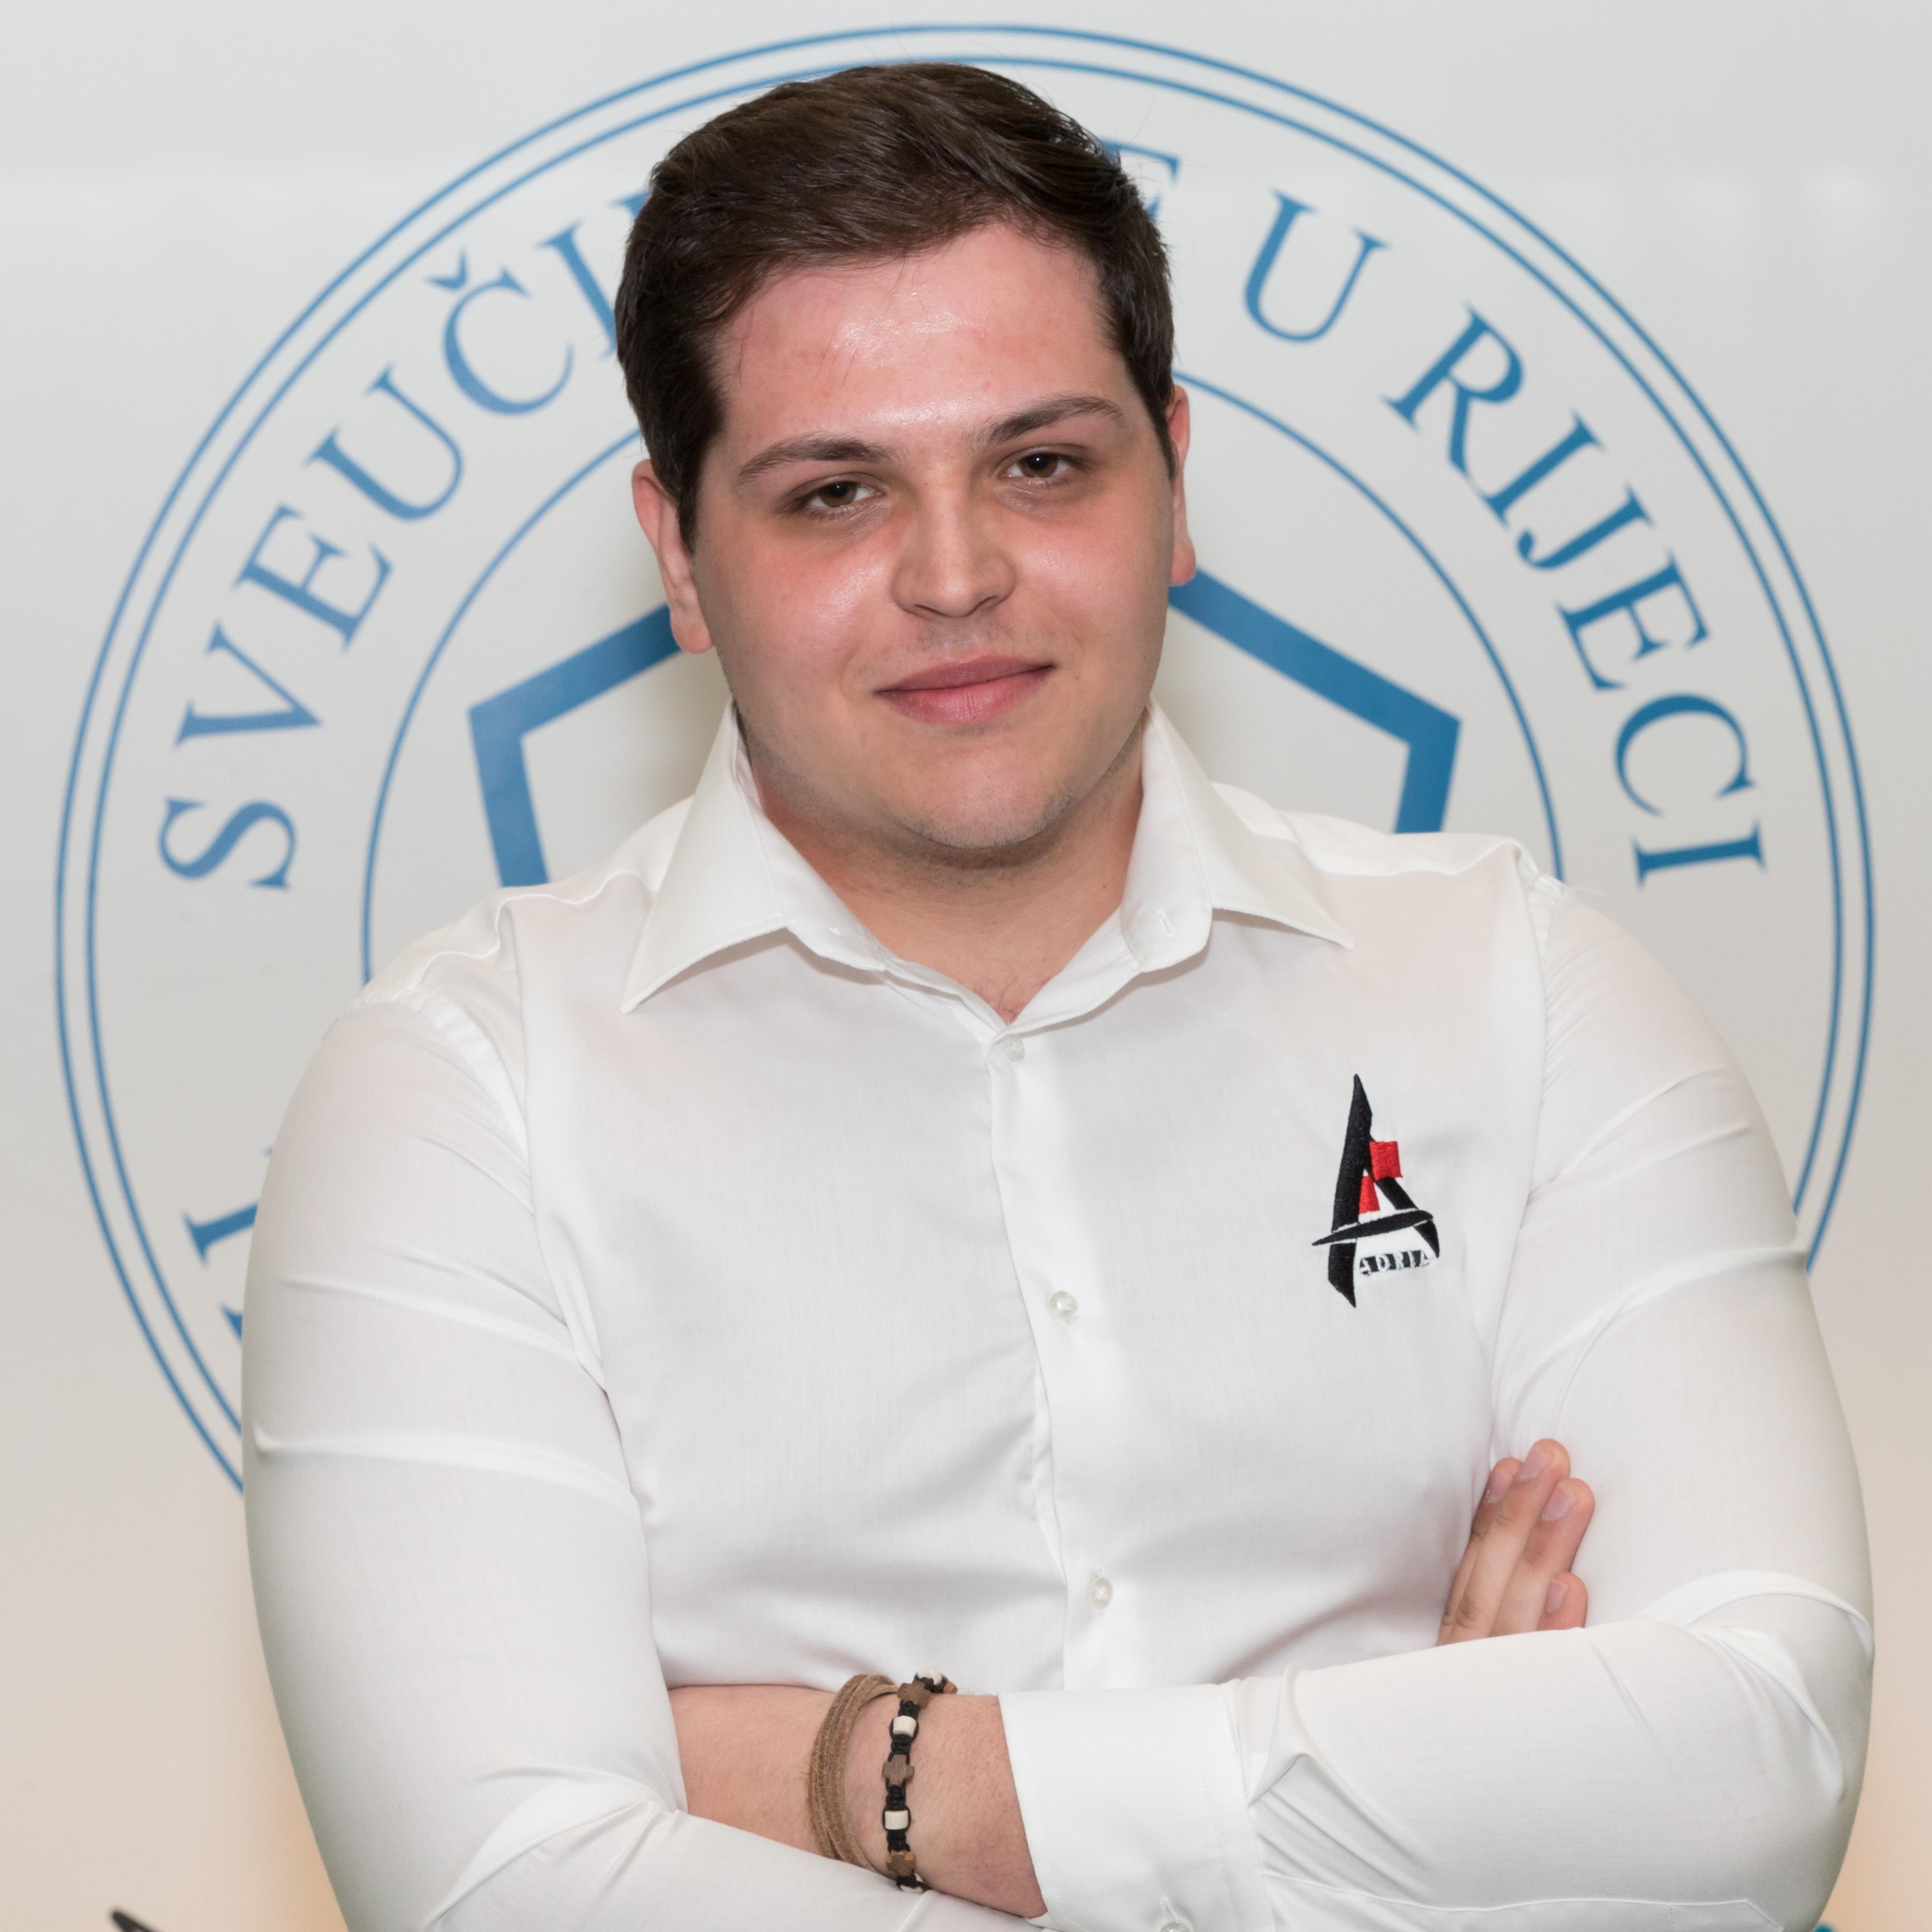 Stipe Grgić